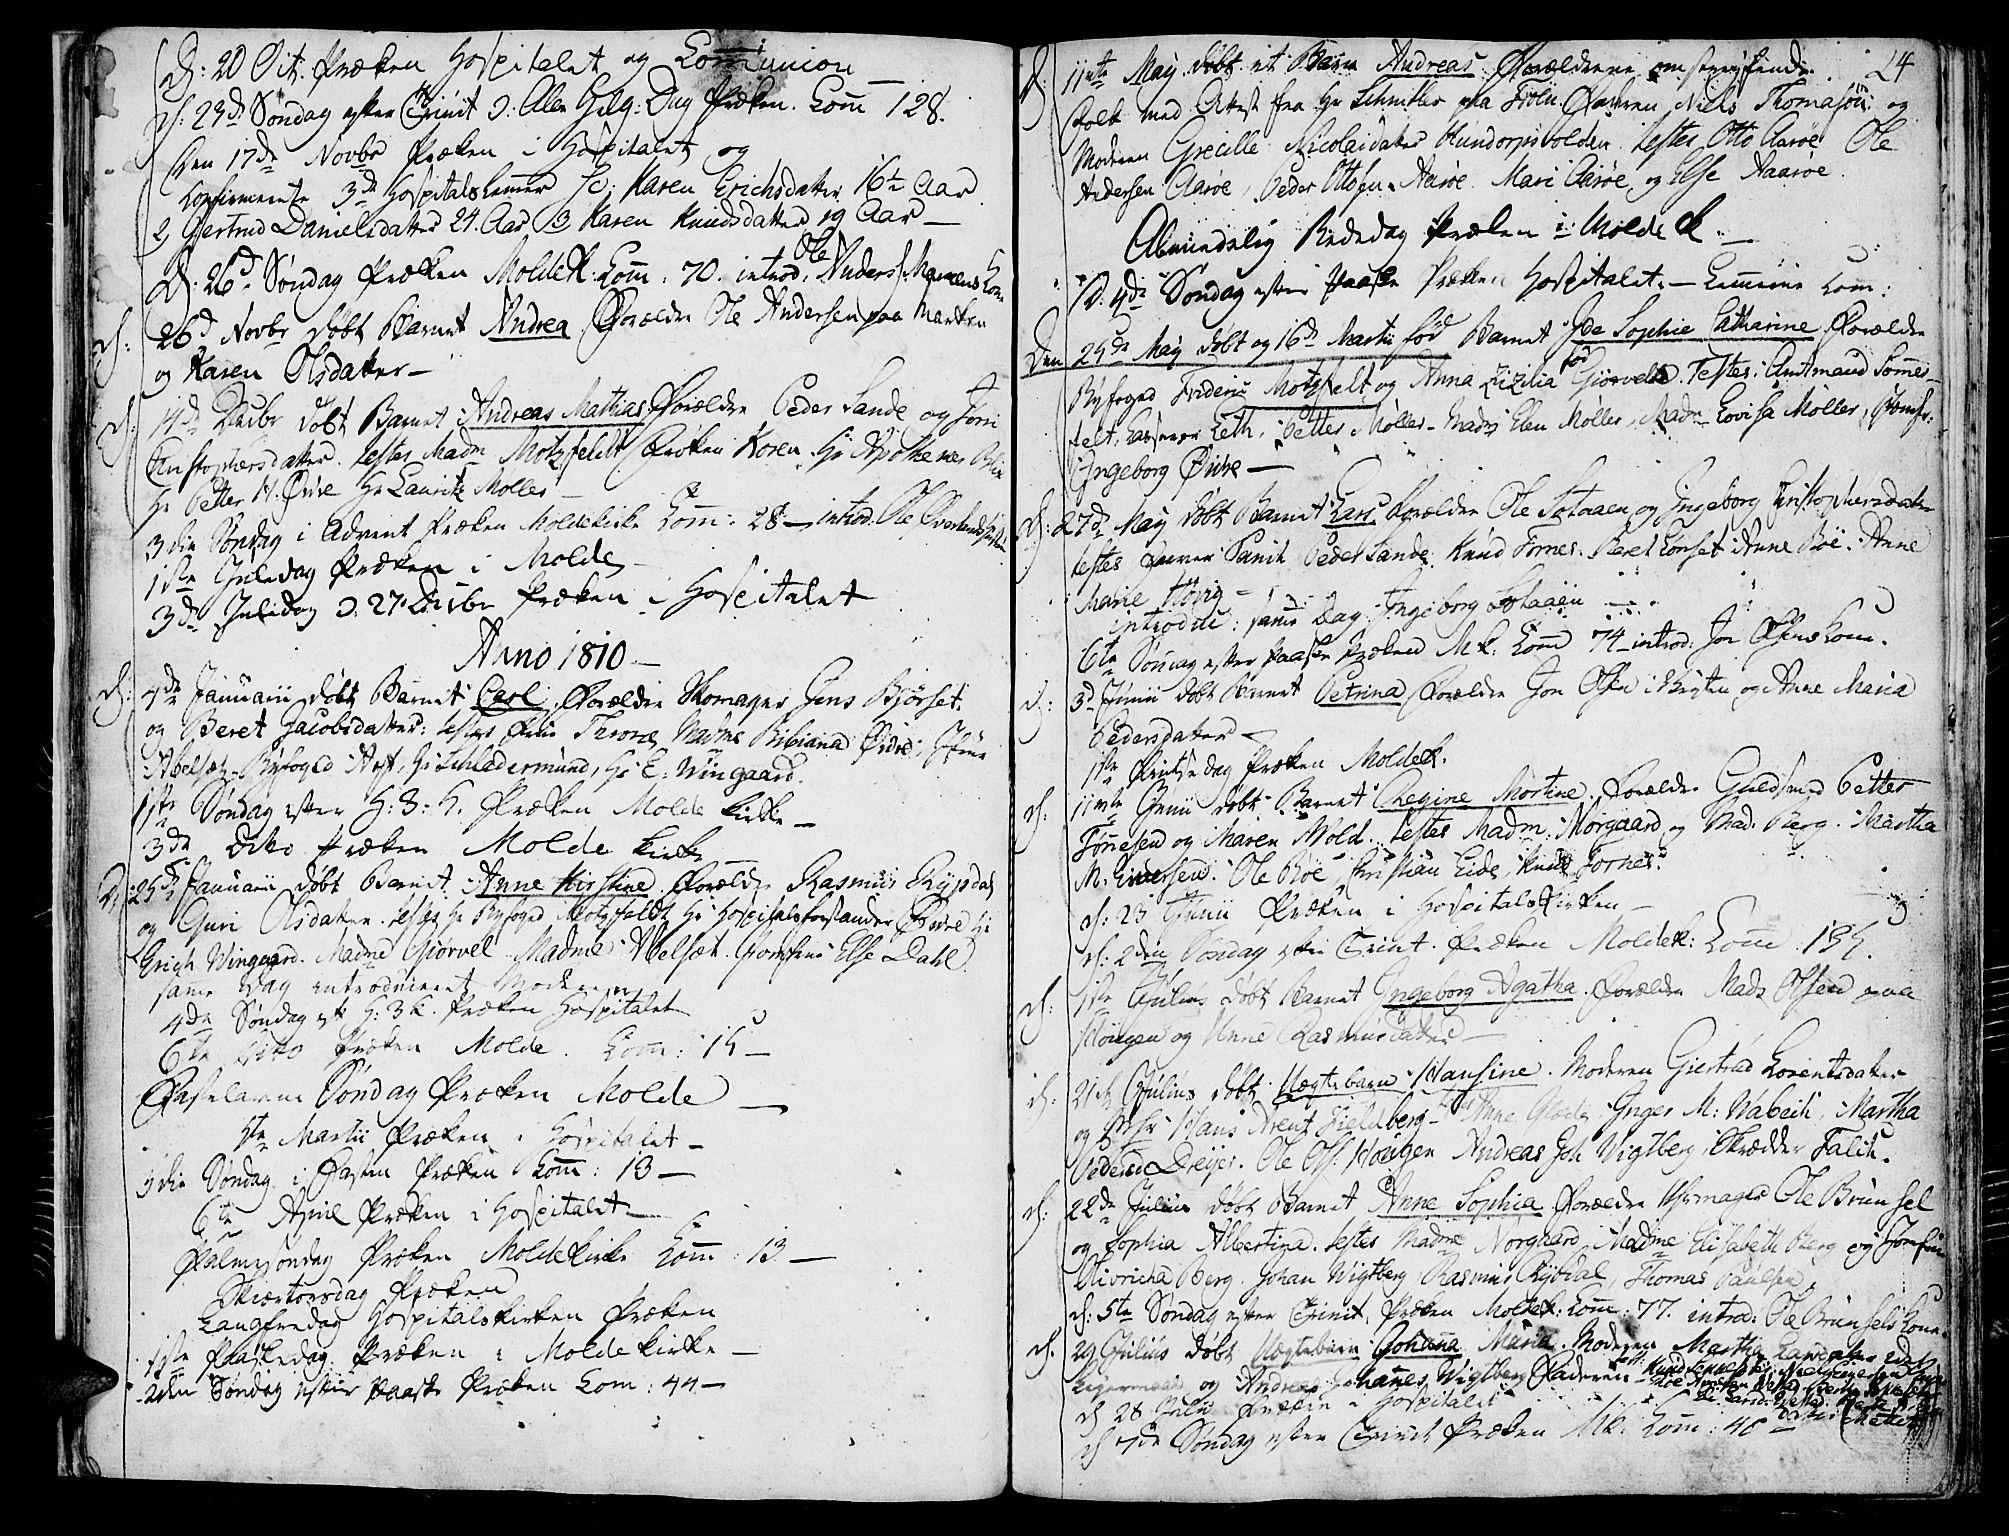 SAT, Ministerialprotokoller, klokkerbøker og fødselsregistre - Møre og Romsdal, 558/L0687: Ministerialbok nr. 558A01, 1798-1818, s. 24